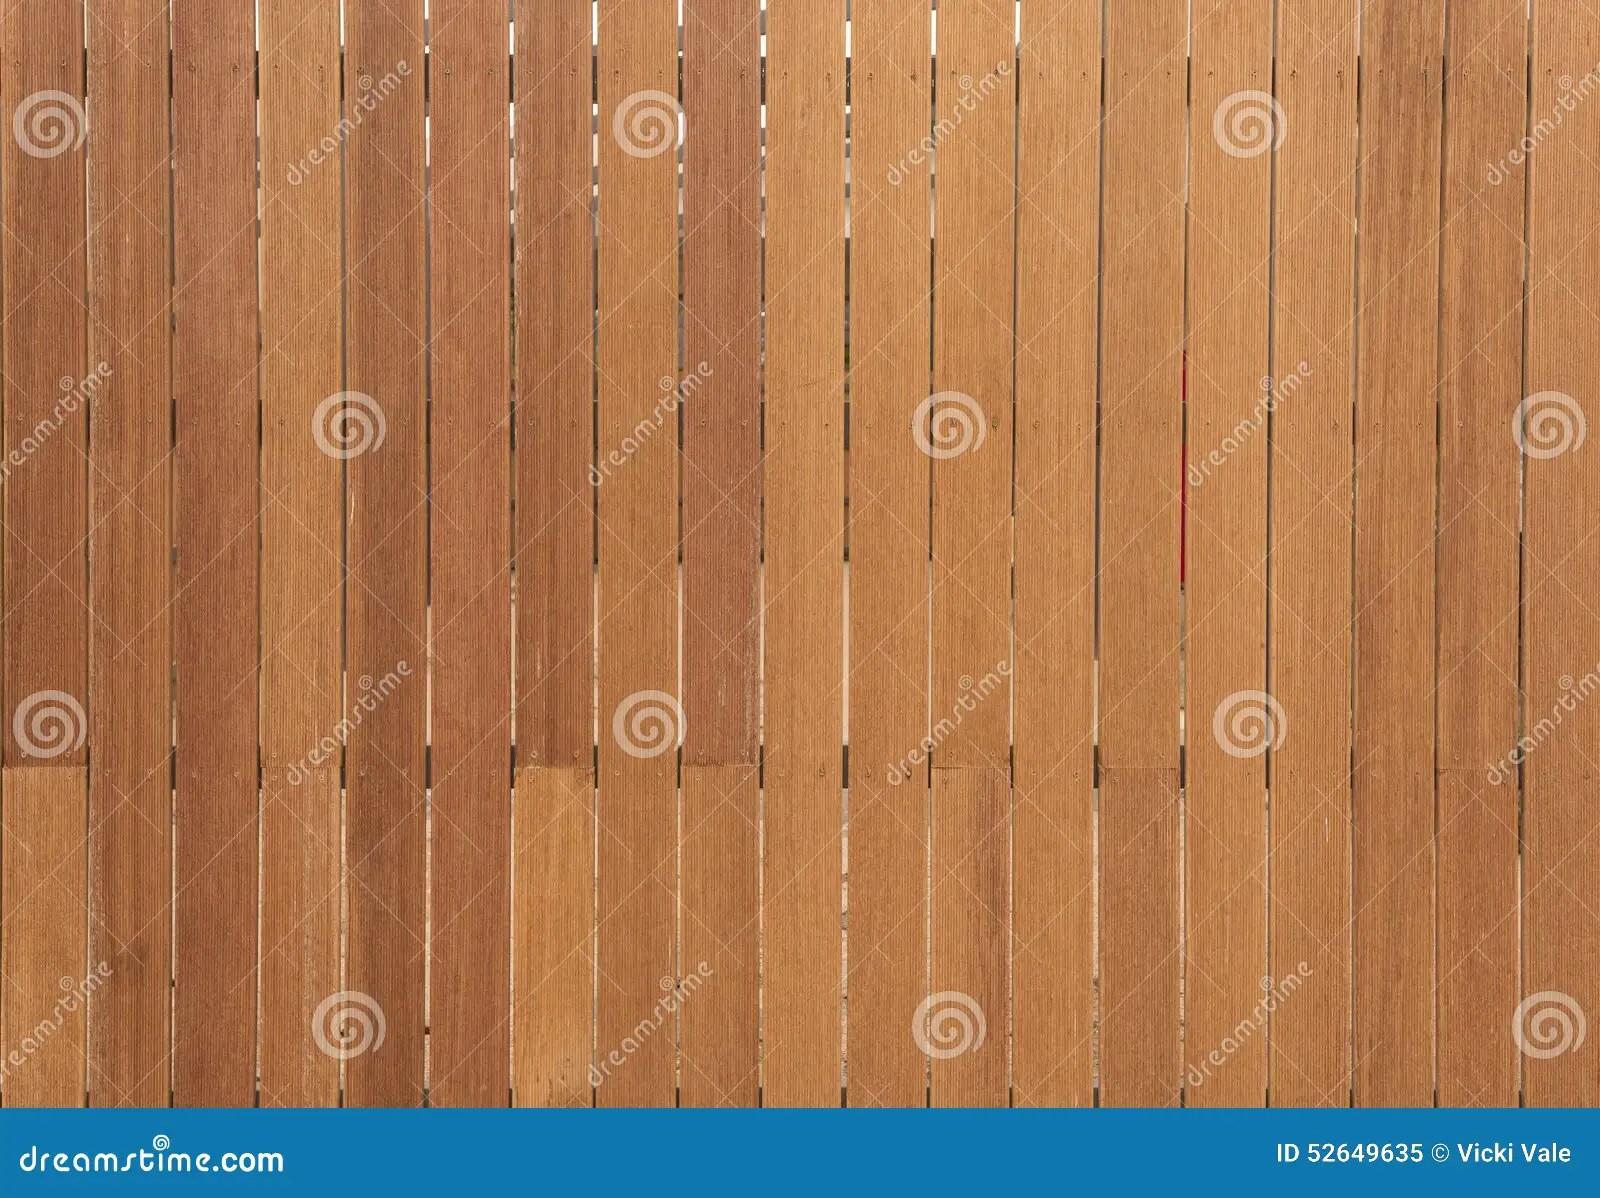 Muur Van Houten Planken.Muur Planken Schilderden De Muur Houten Planken Grijs Wit Stock Foto